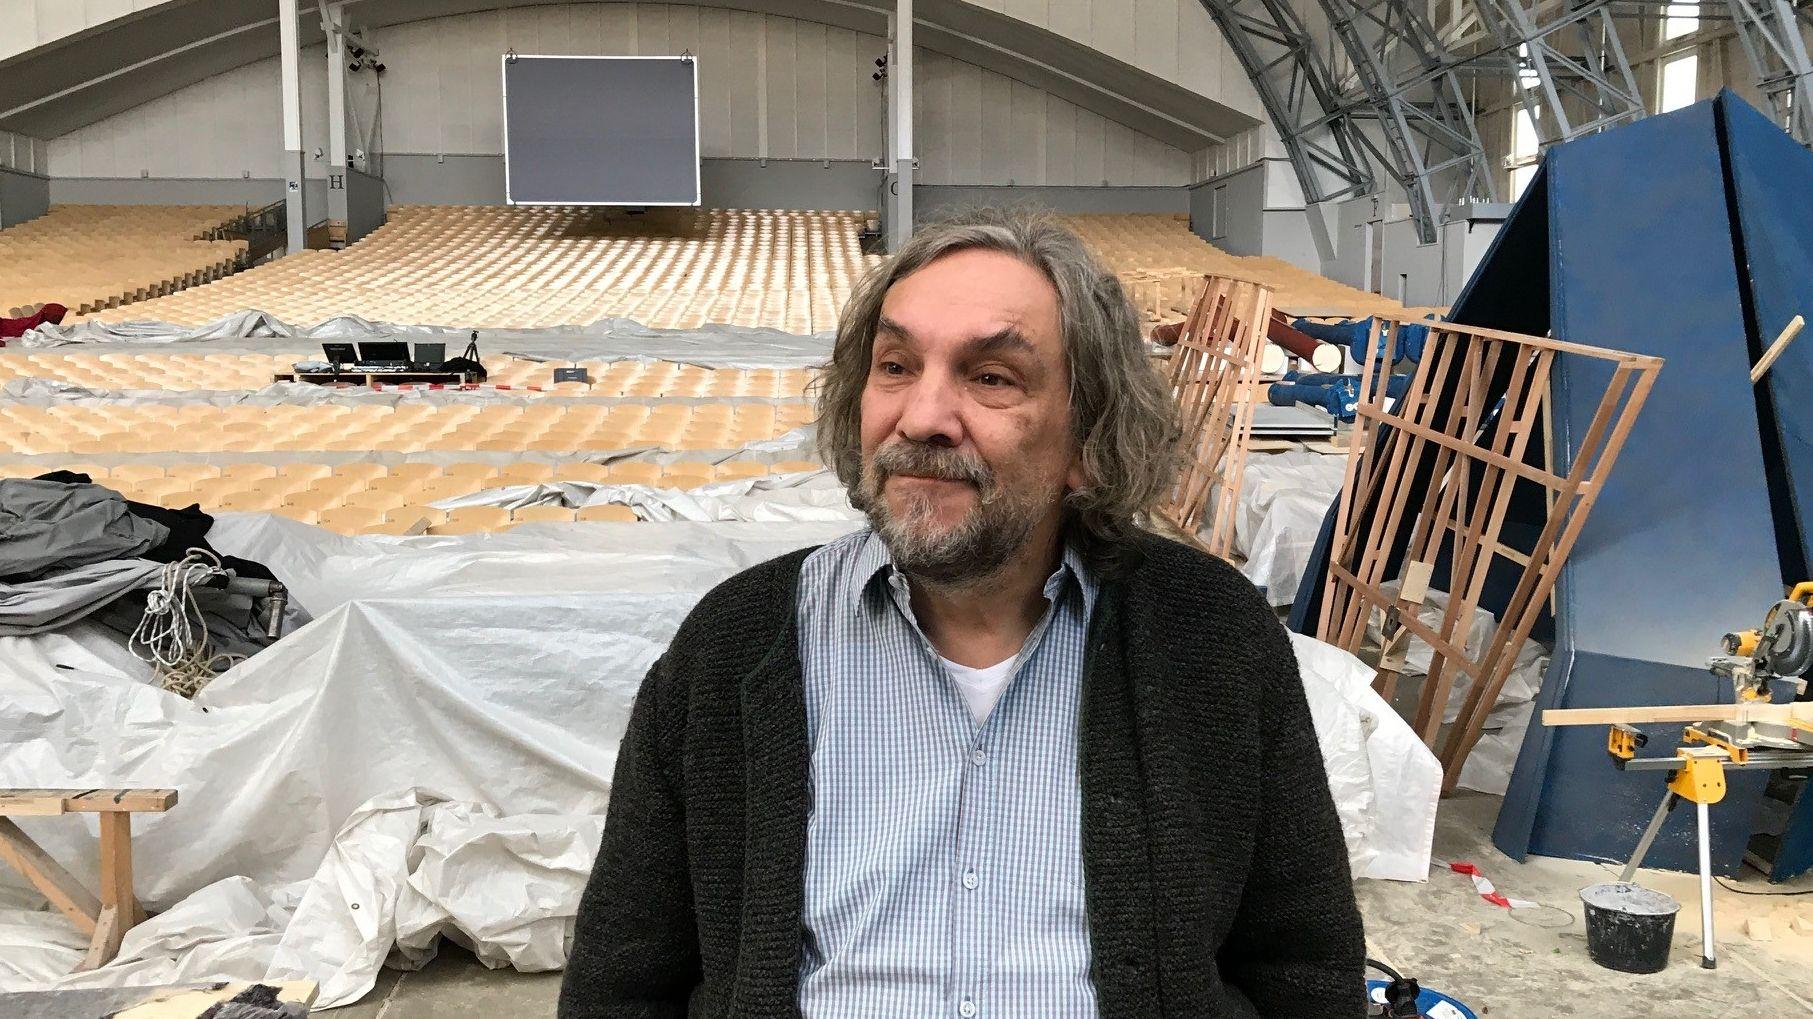 Spielleiter Christian Stückl sitzt in Hemd und Janker vor einem kreativen Bühnenchaos